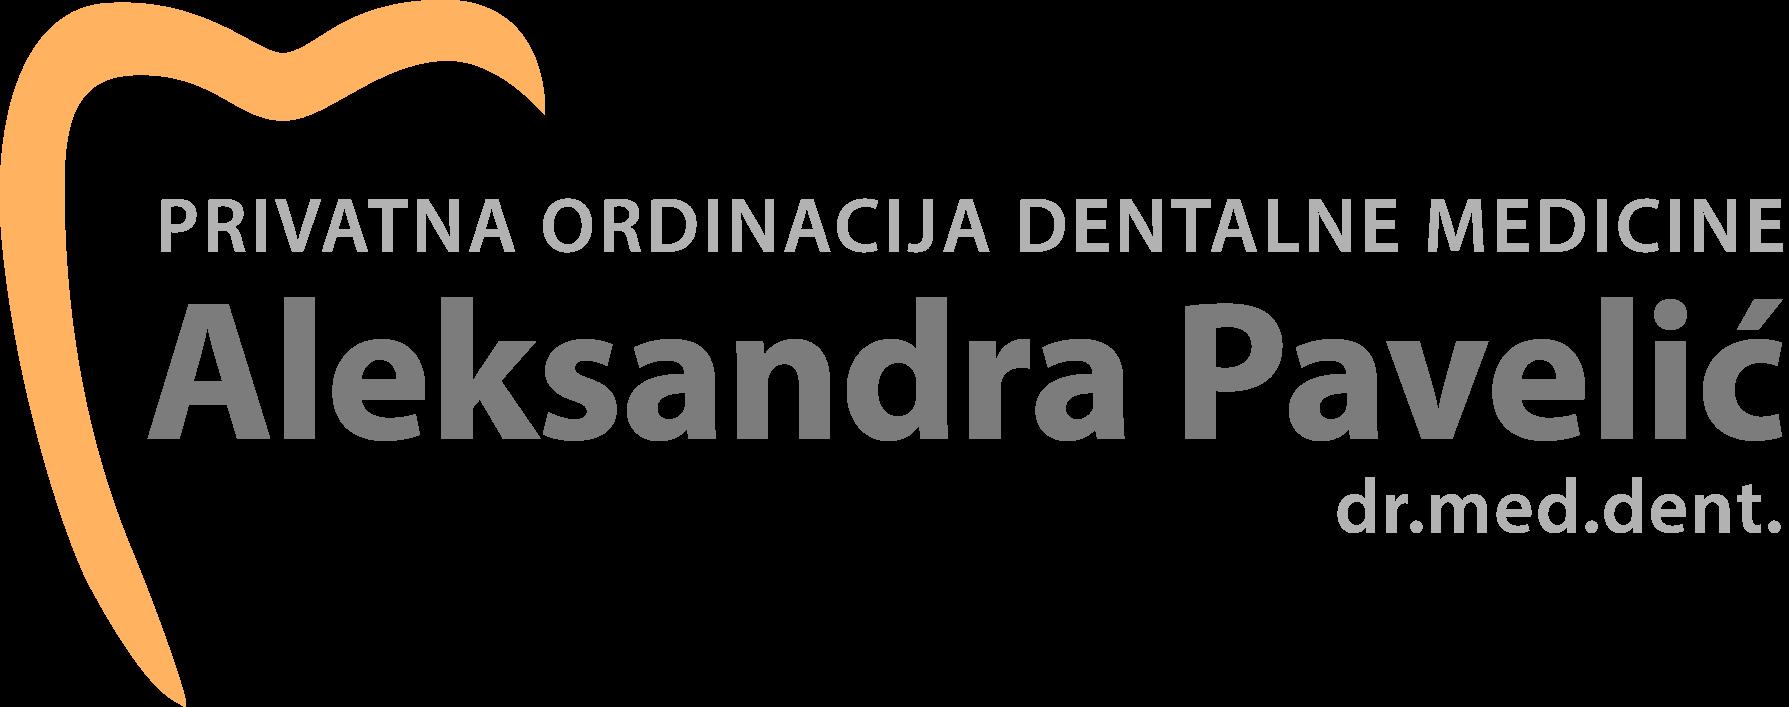 Privatna ordinacija dentalne medicine Aleksandra Pavelić dr. med. dent.